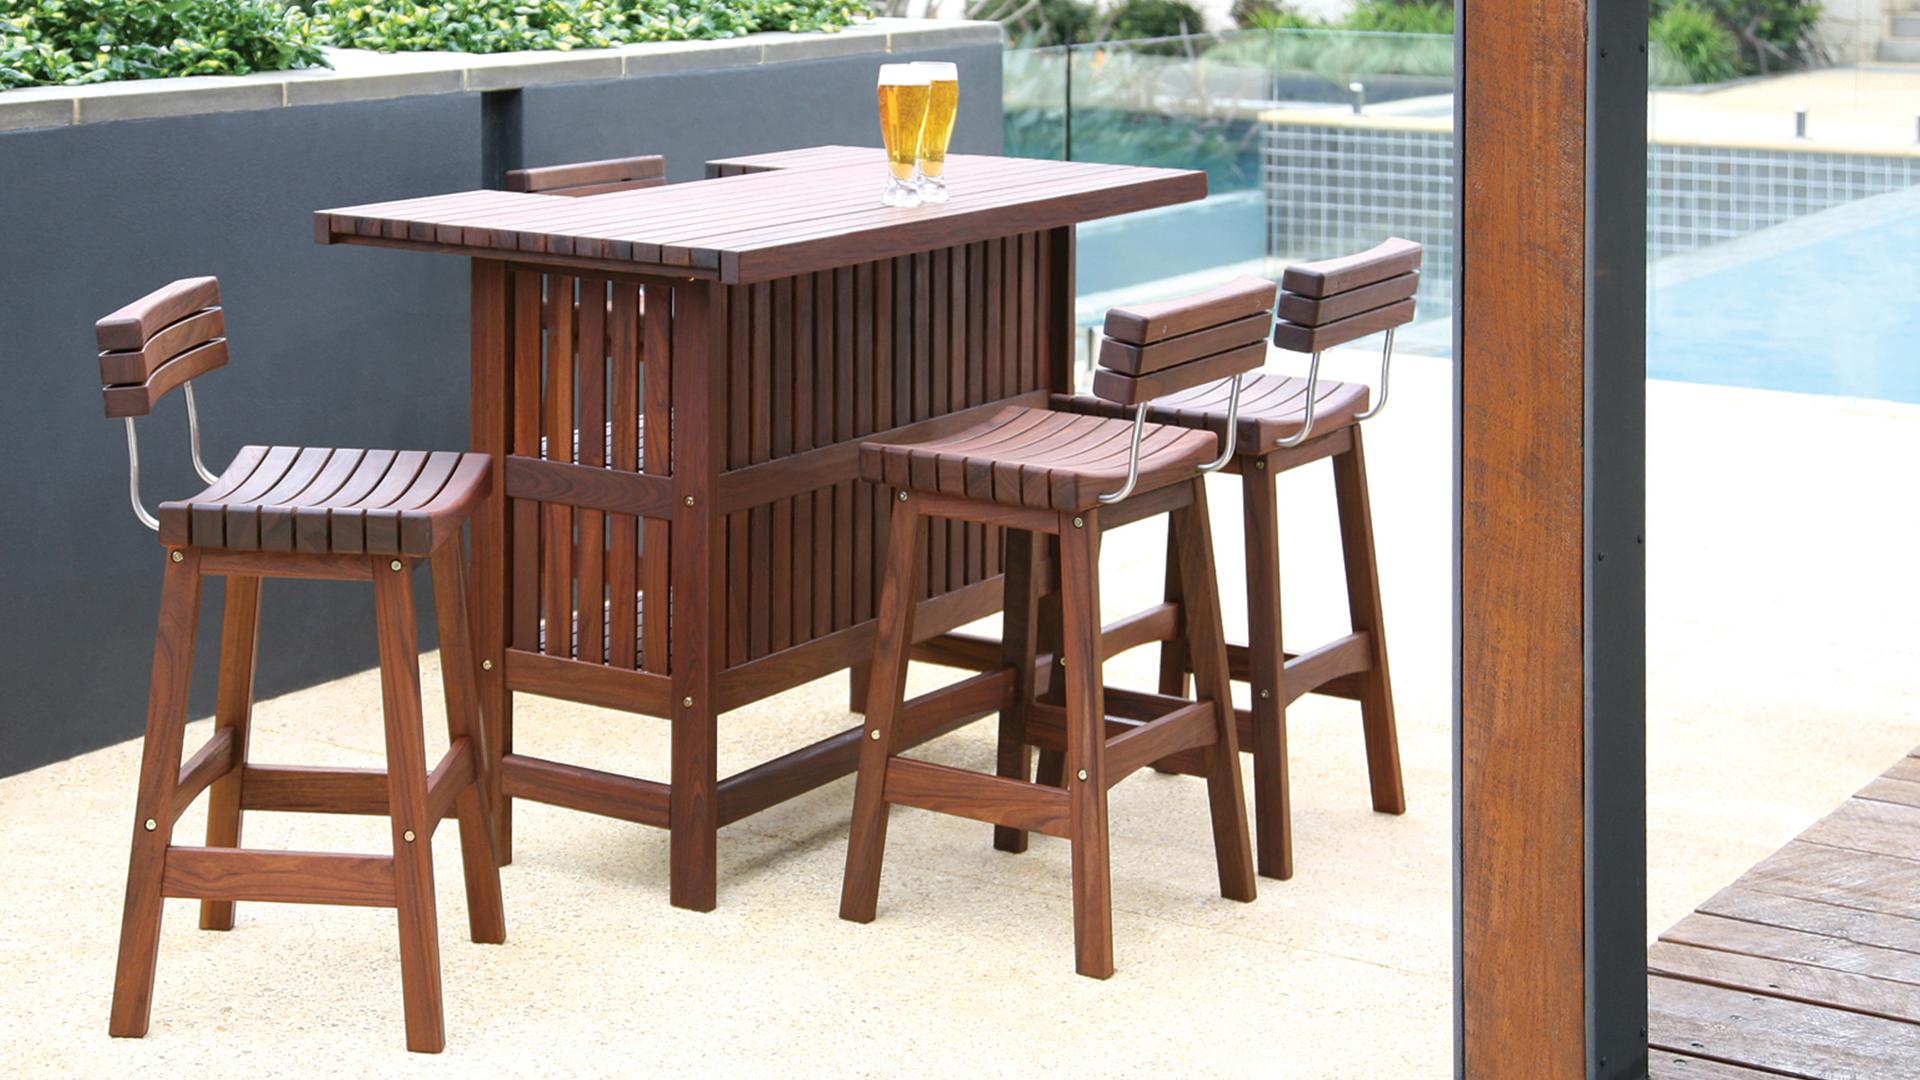 Ipe Wood Outdoor Bar